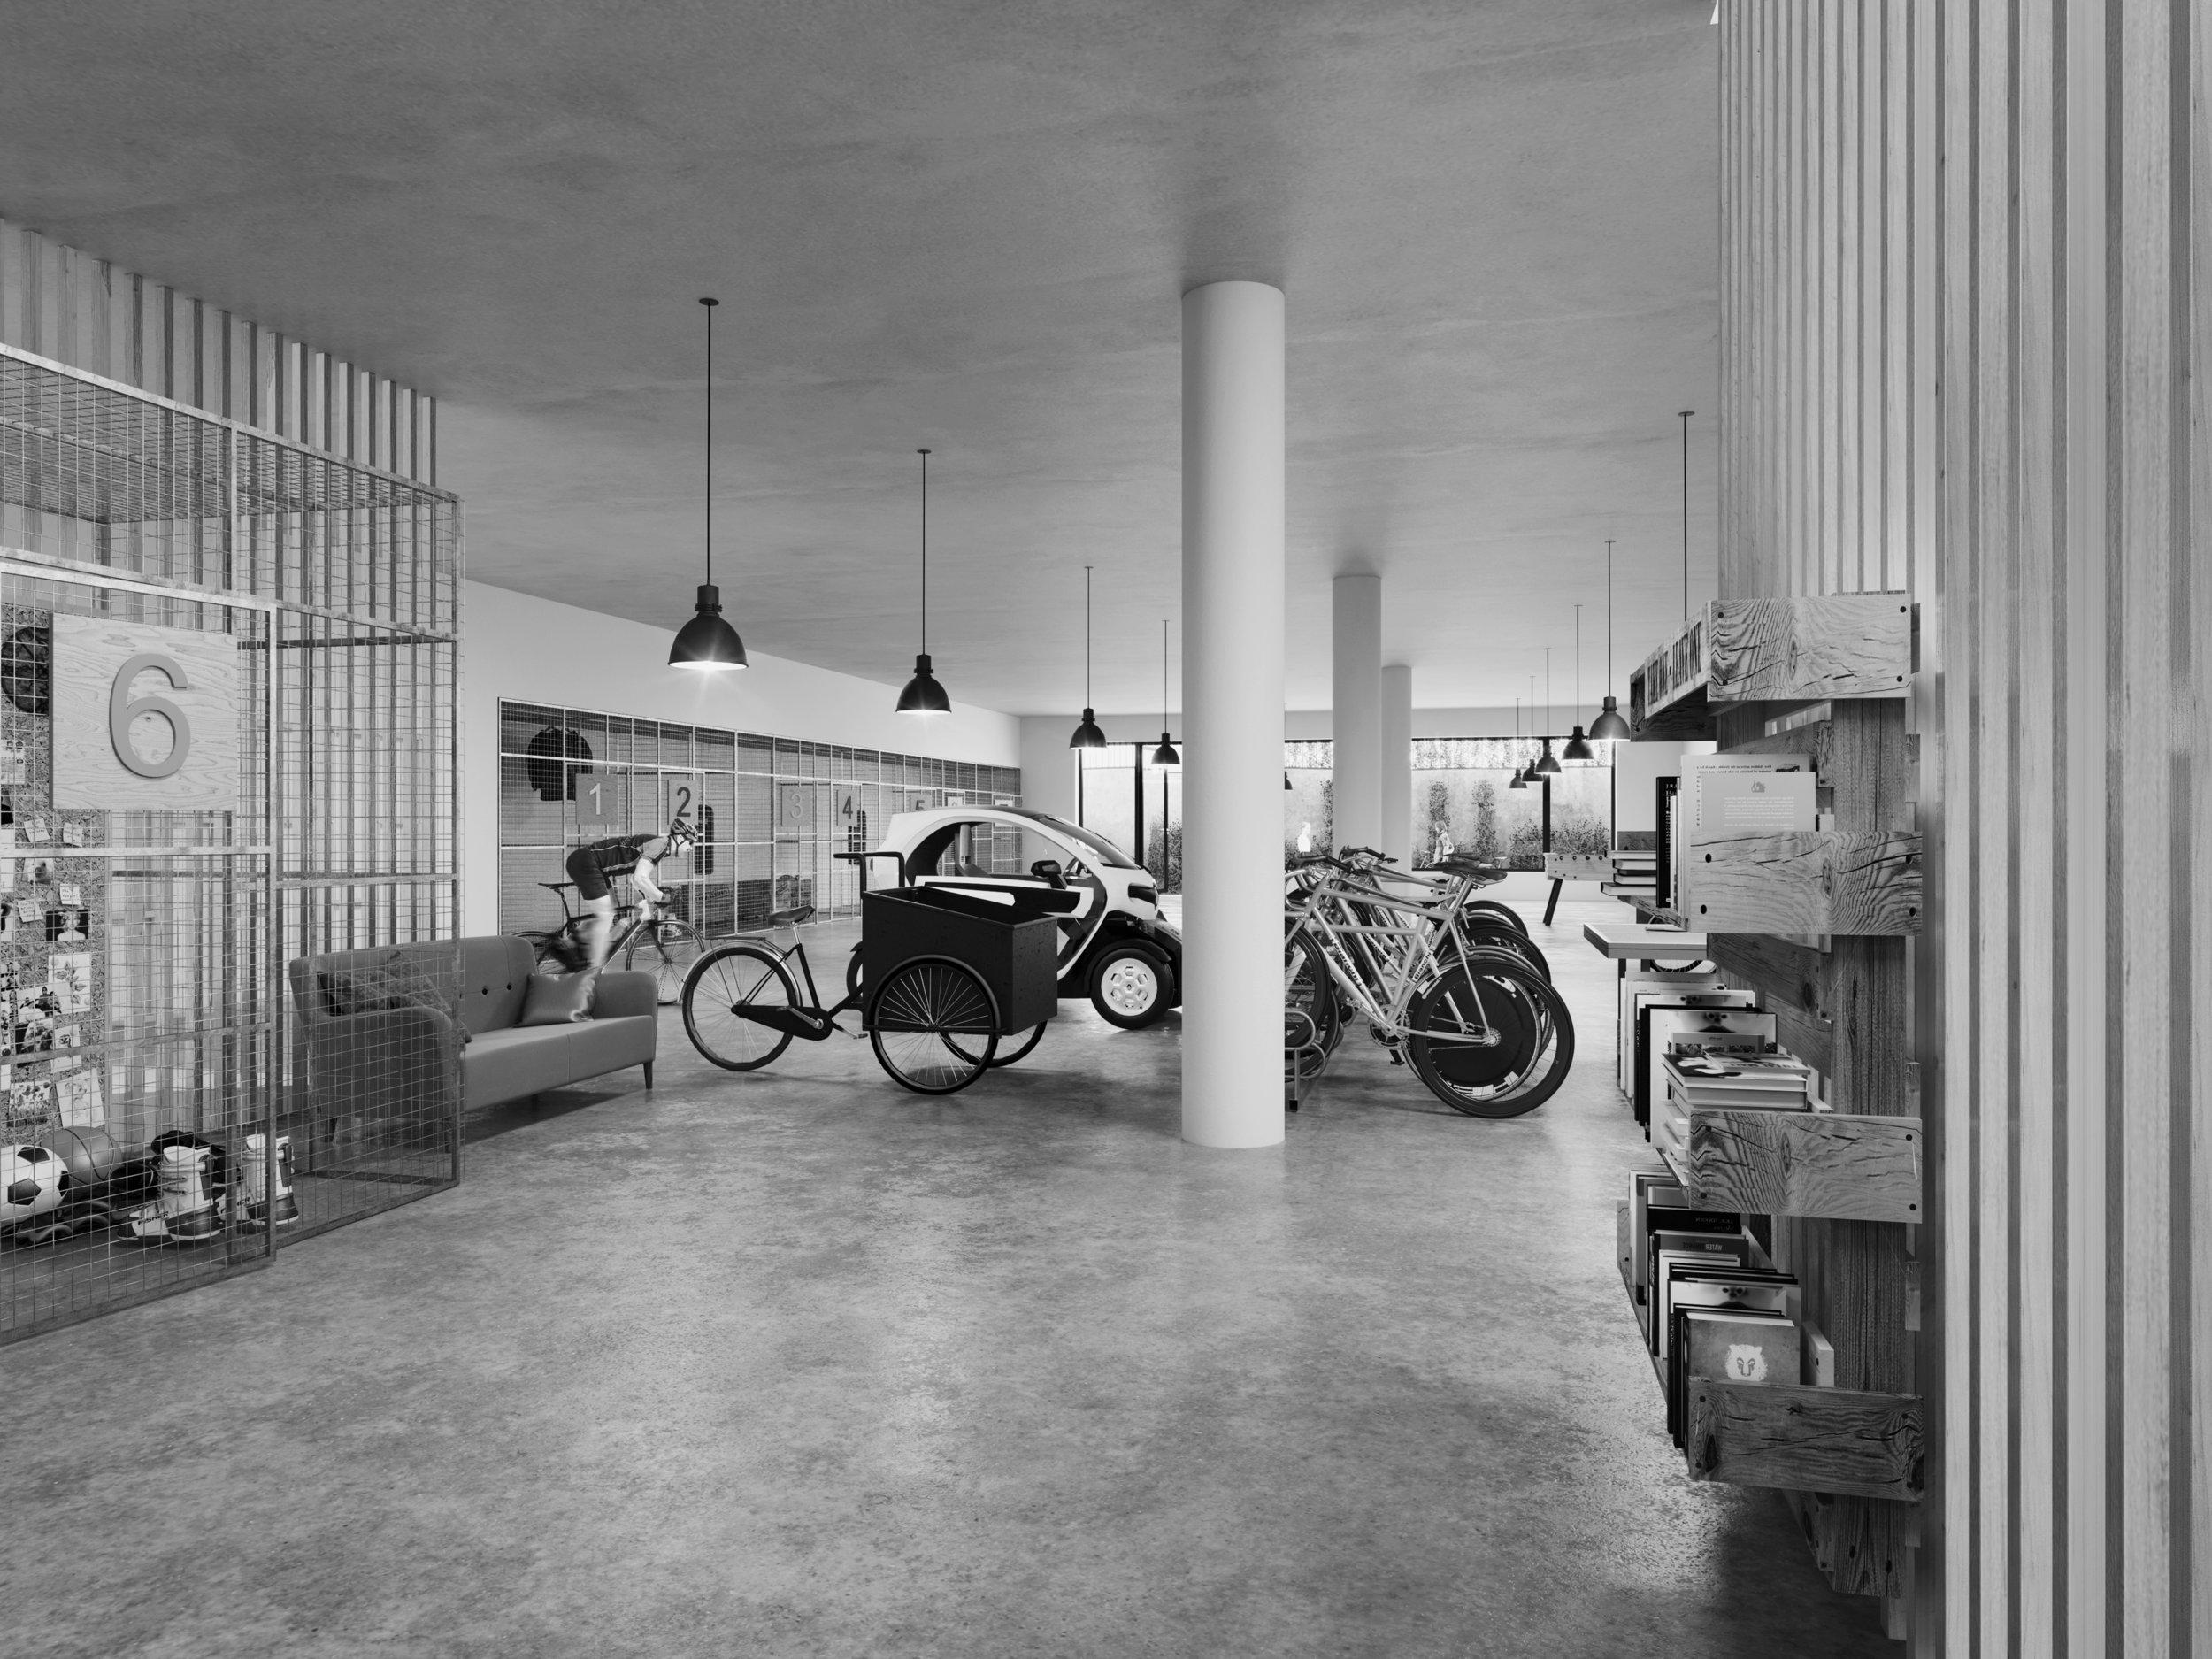 Hallen  - Flexibla uppställningsplatser för fordon. Illustration Studio superb